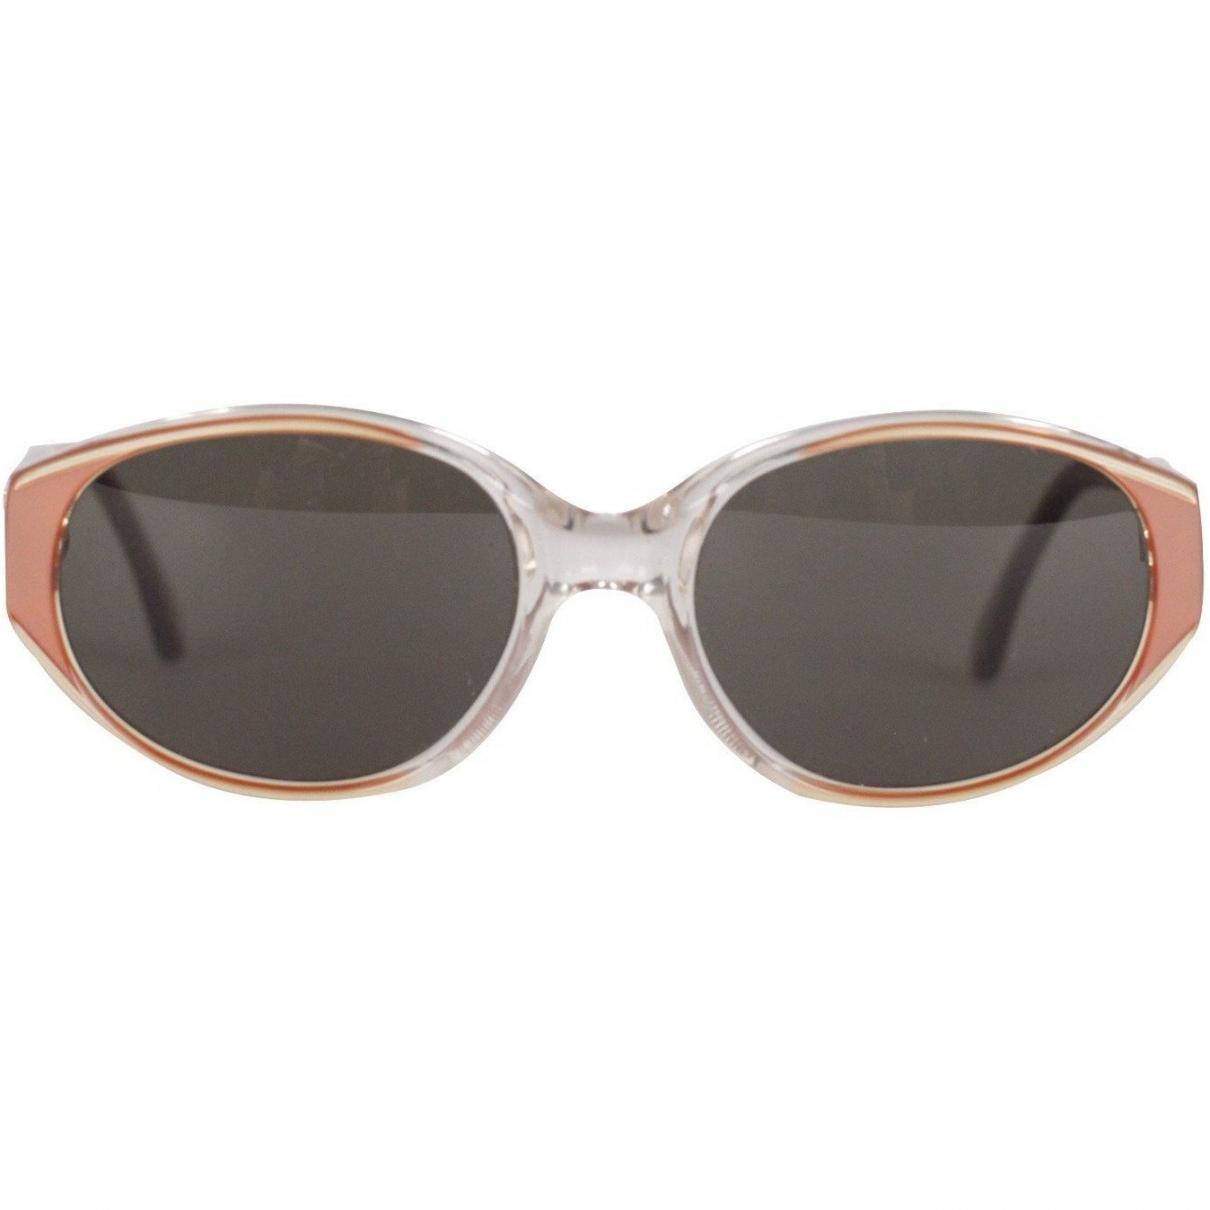 Yves Saint Laurent \N Sunglasses for Women \N